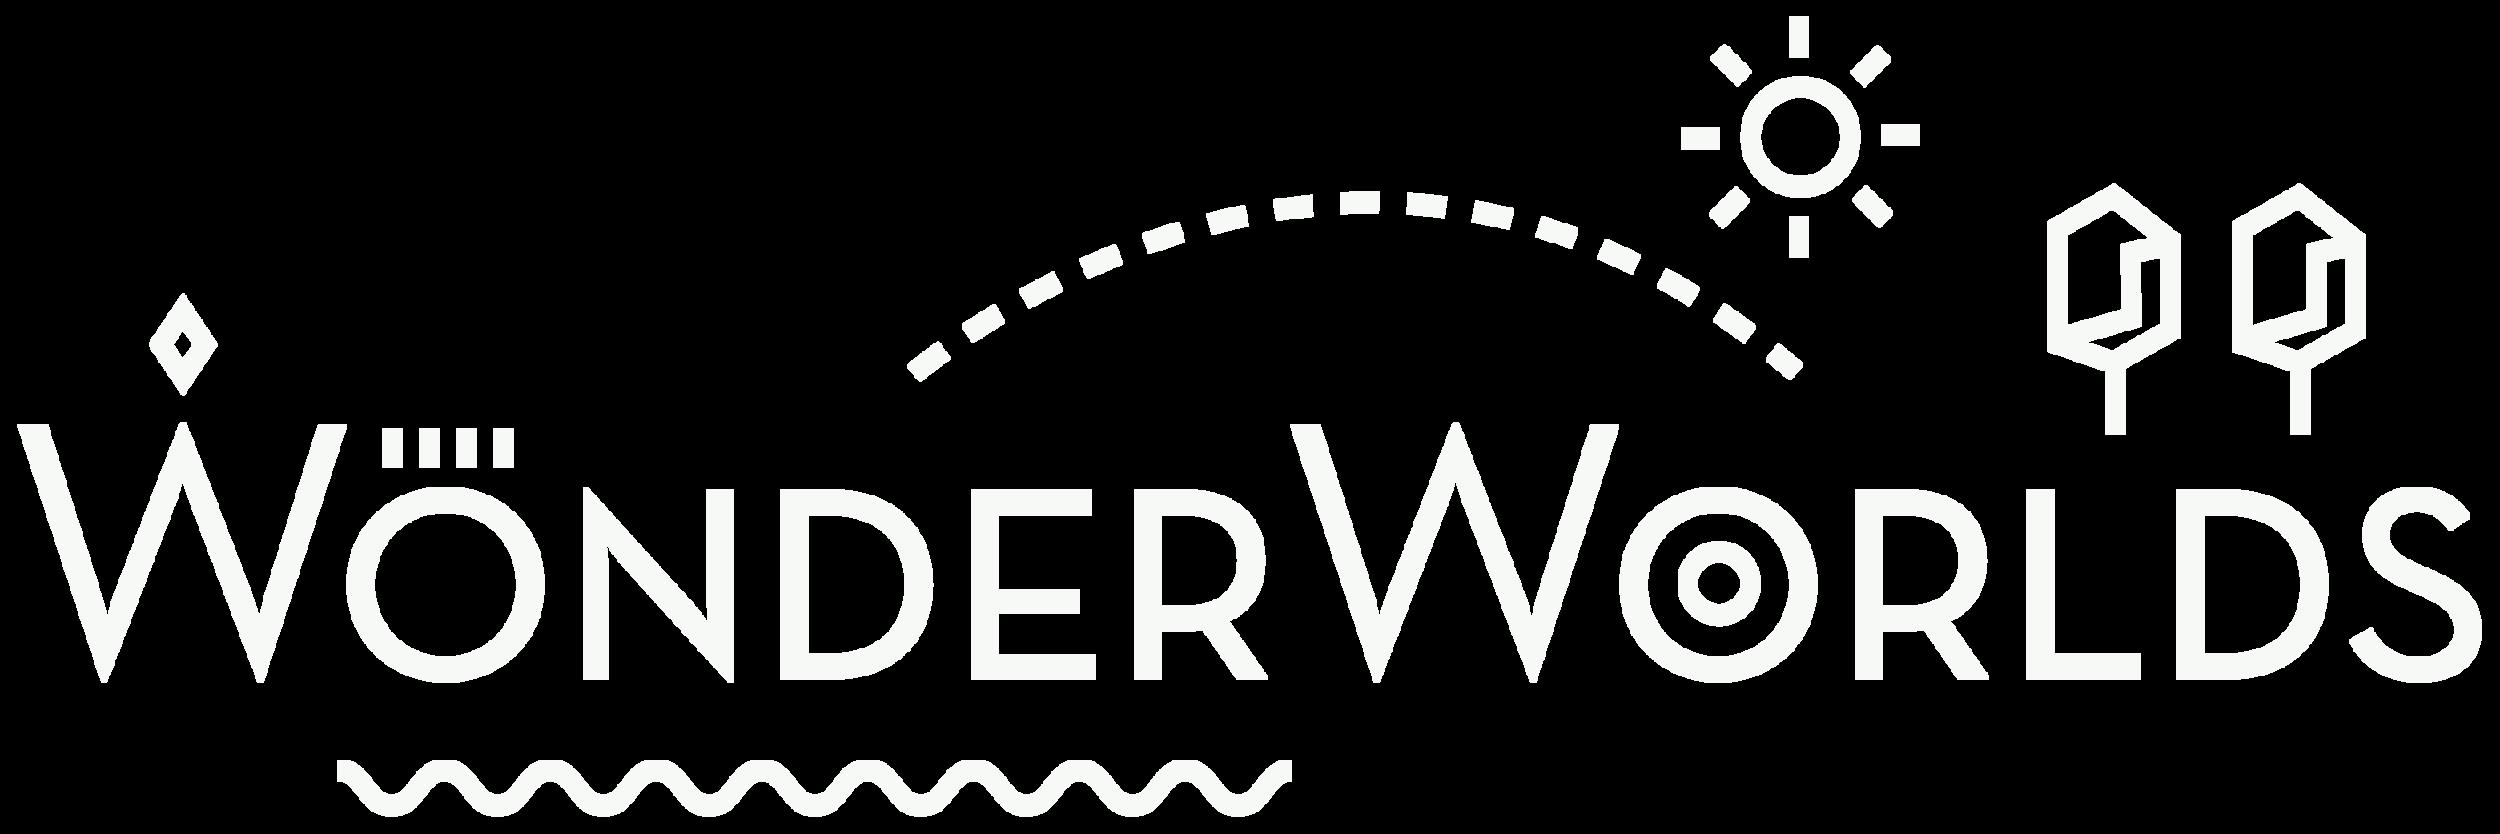 WonderWorlds_logo_parchment.png